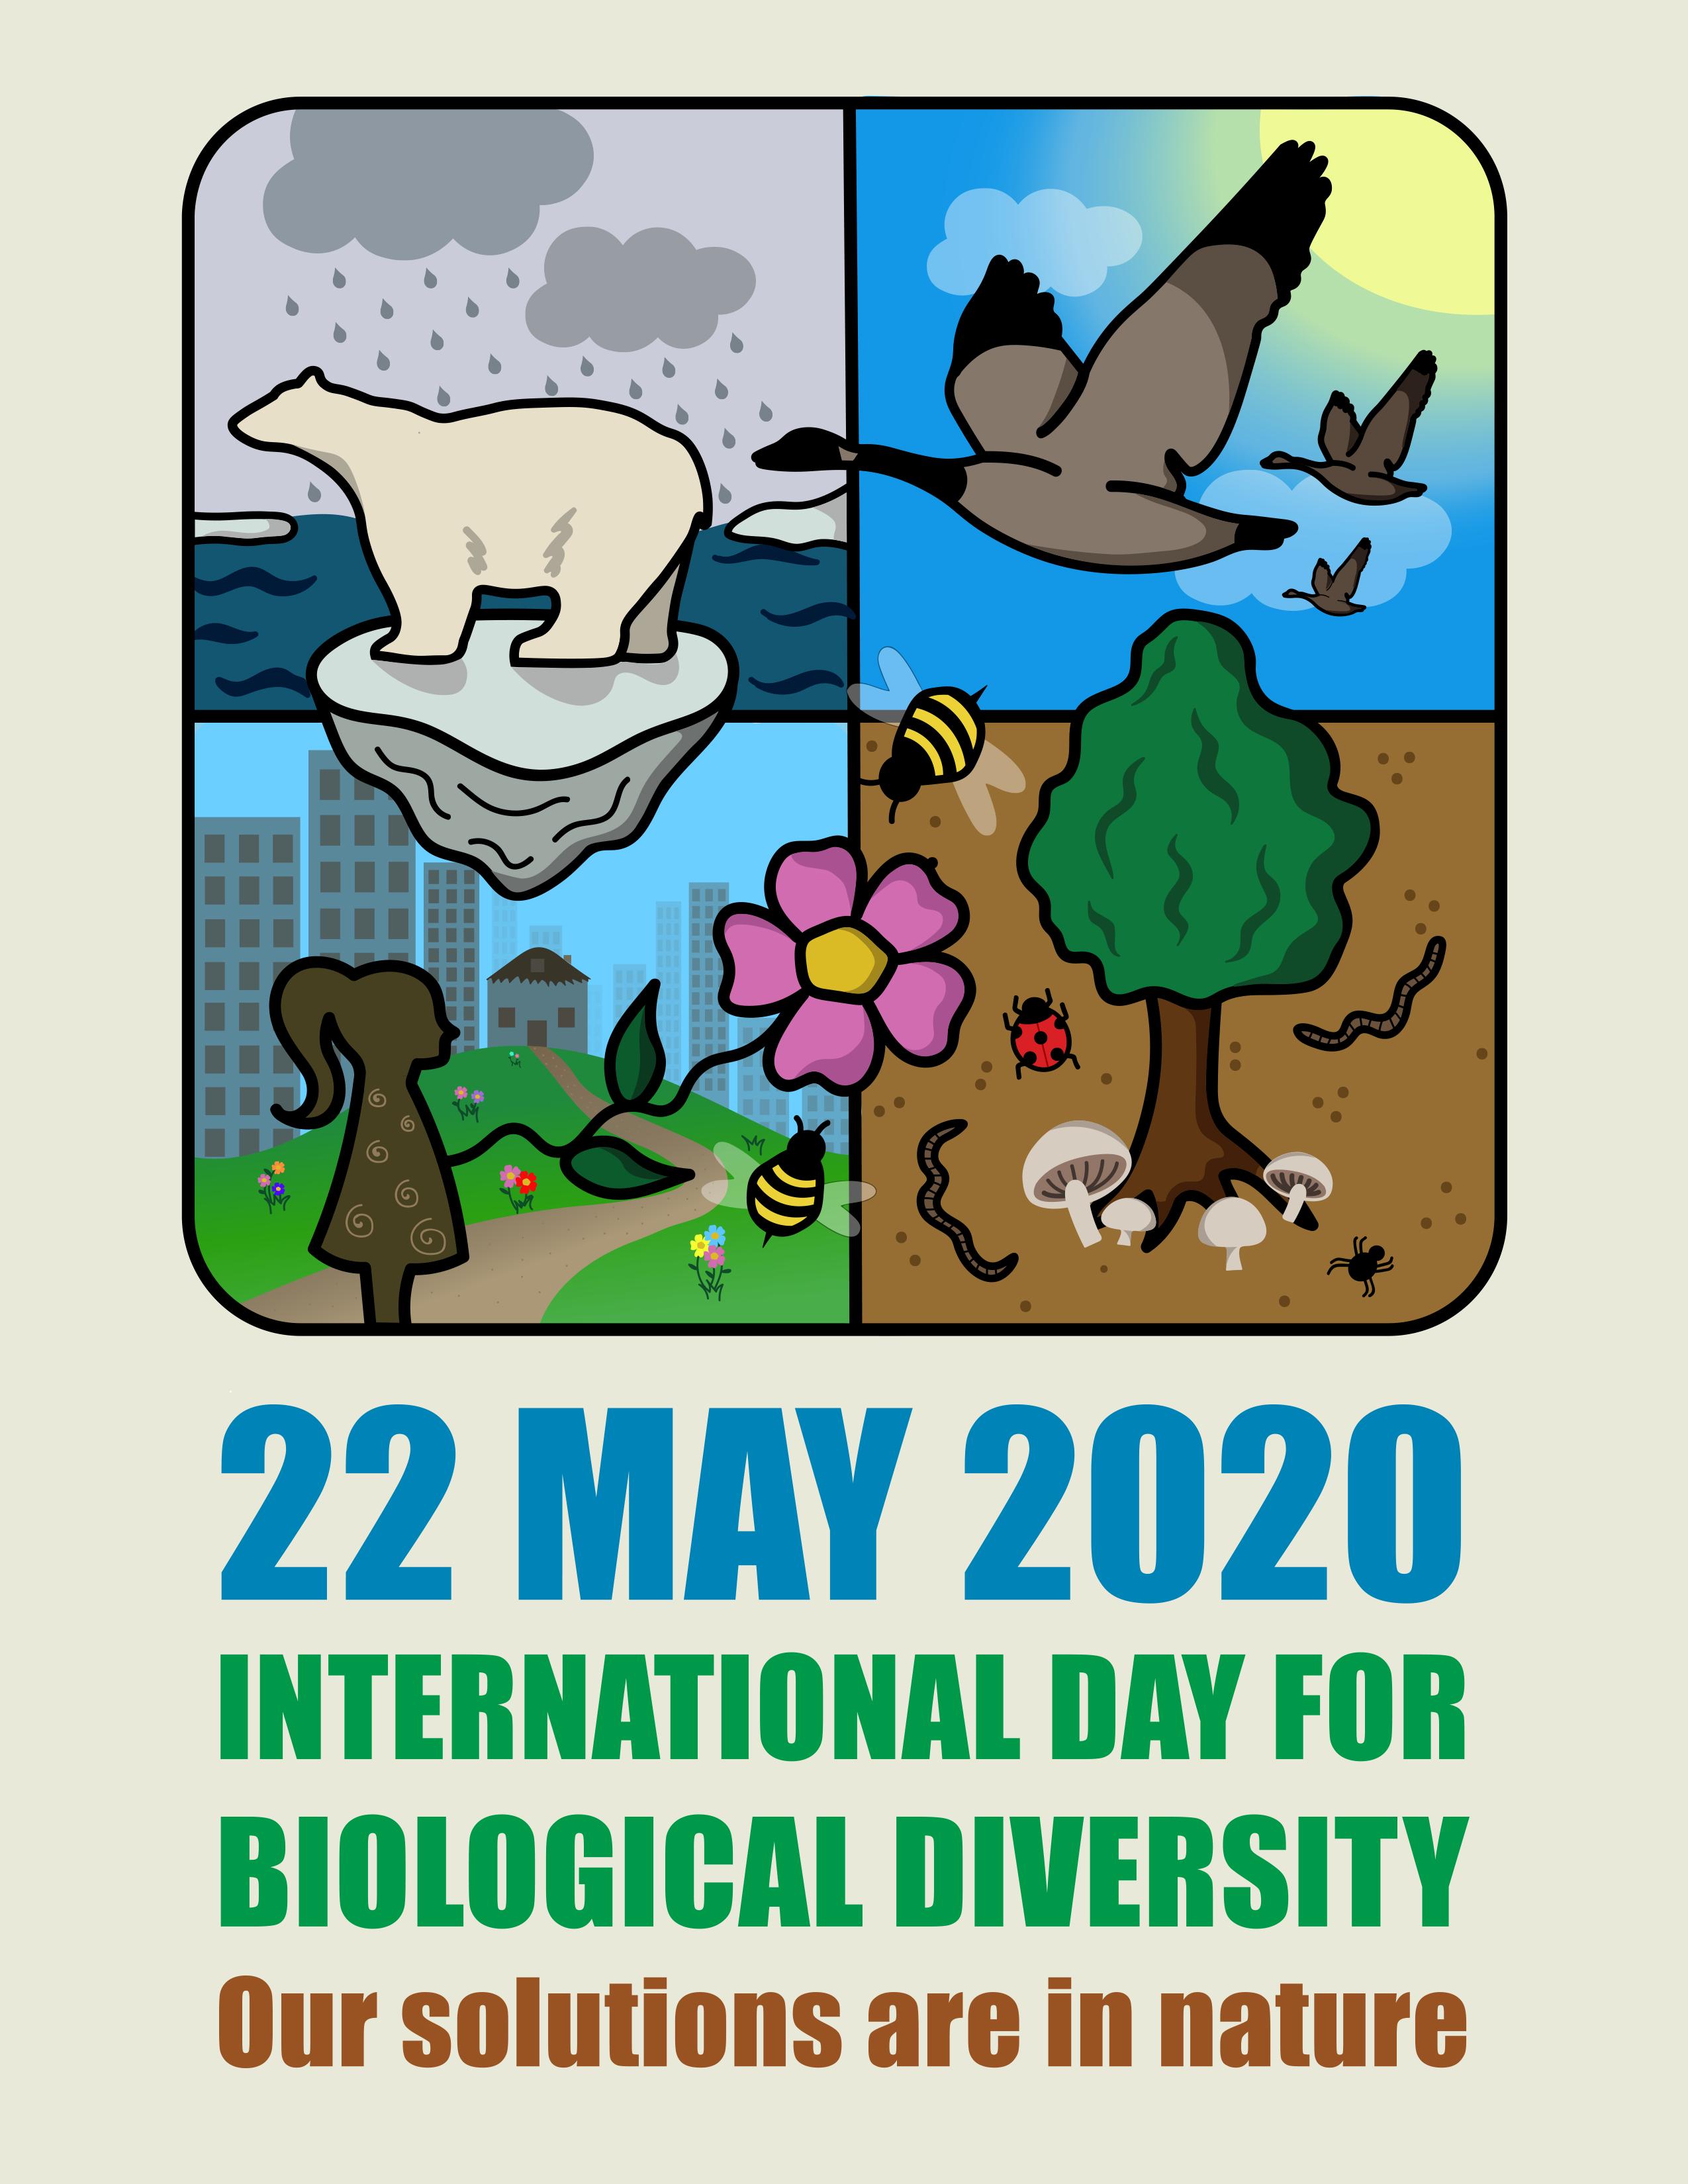 522 國際生物多樣性日